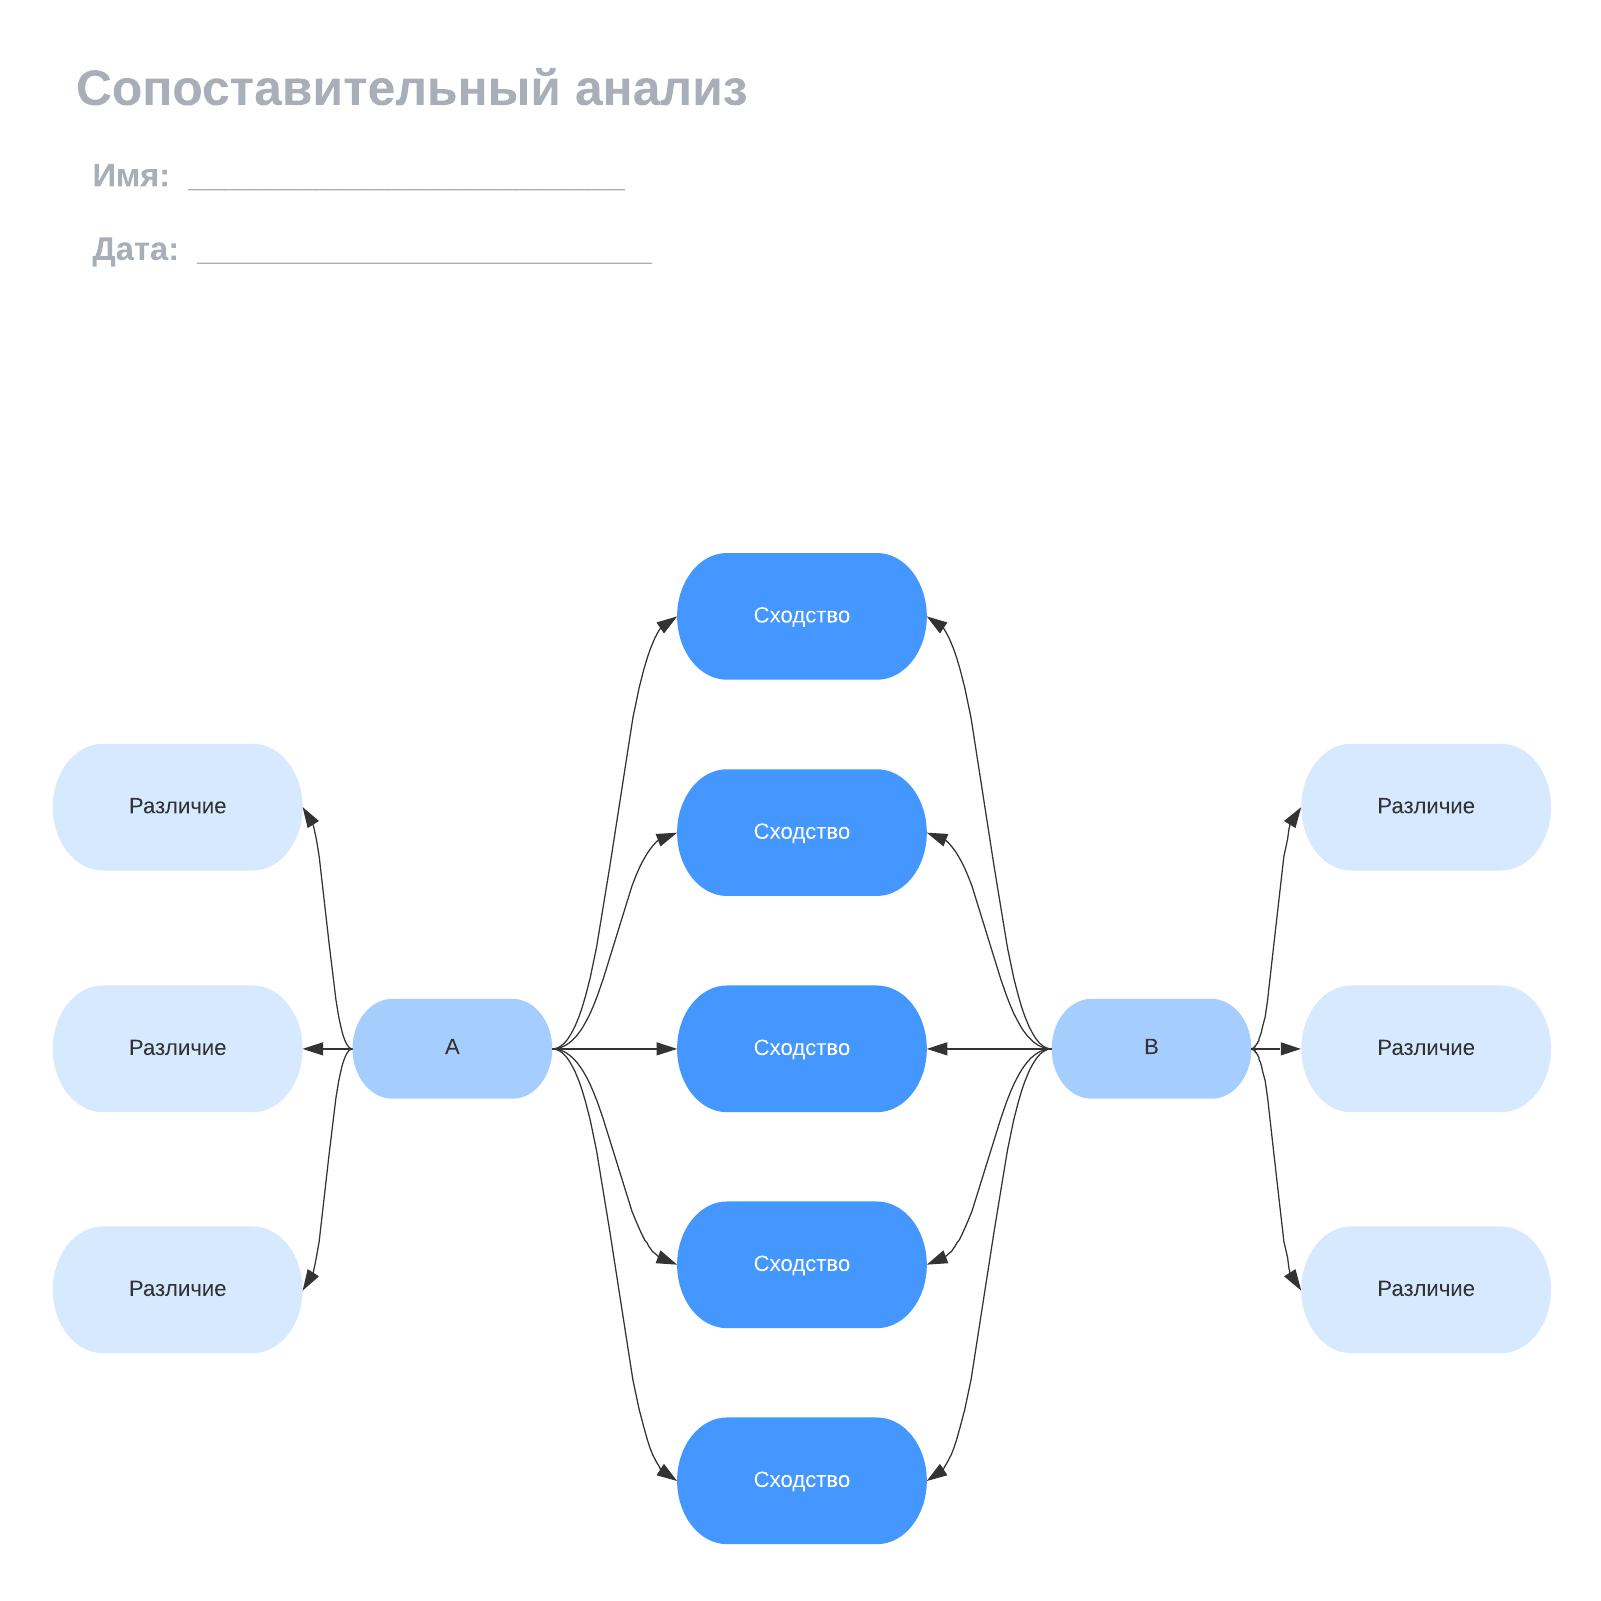 Сопоставительный анализ